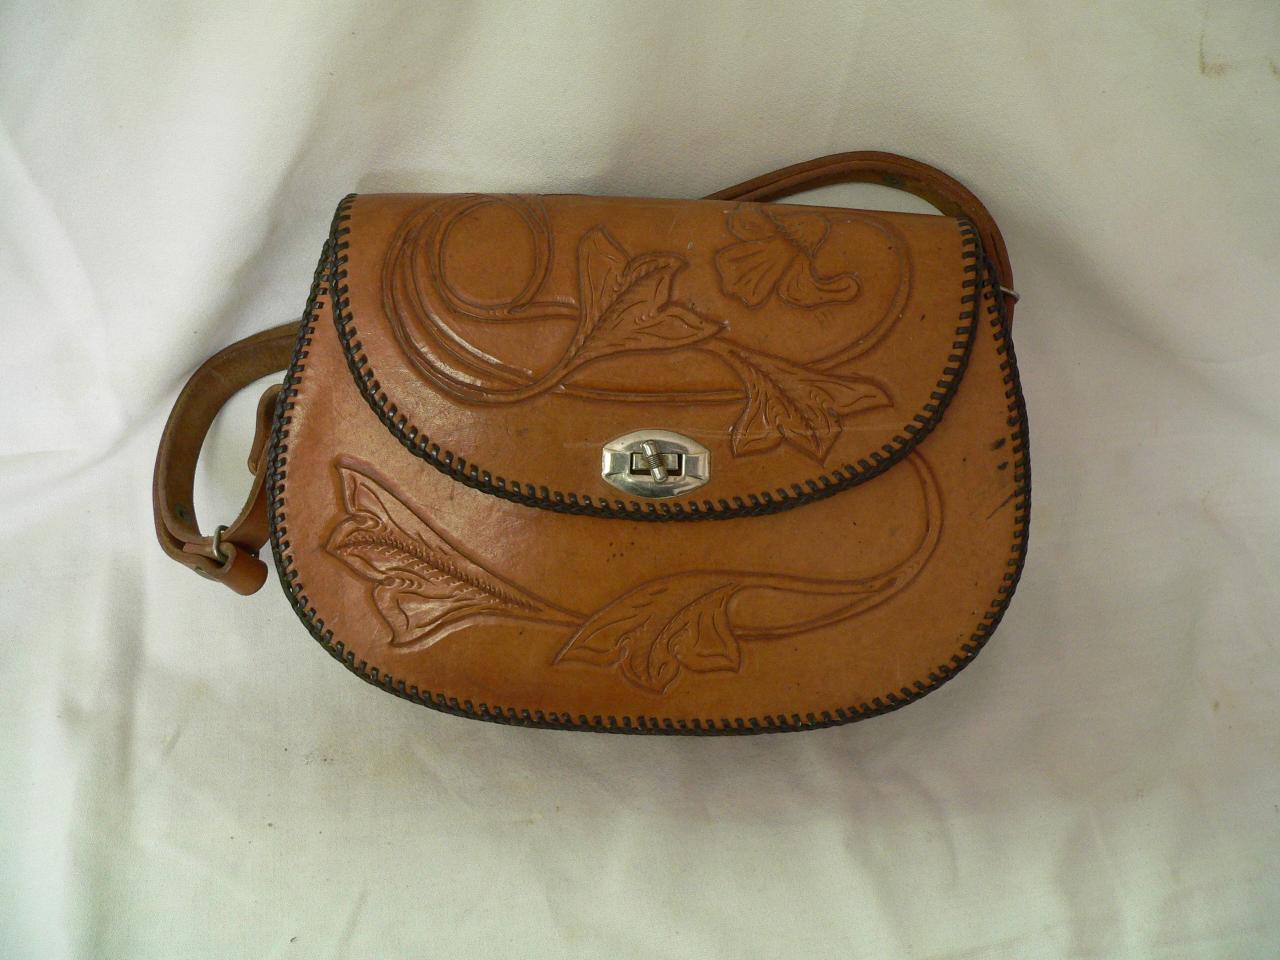 Sacoche en vrai cuir # 3805